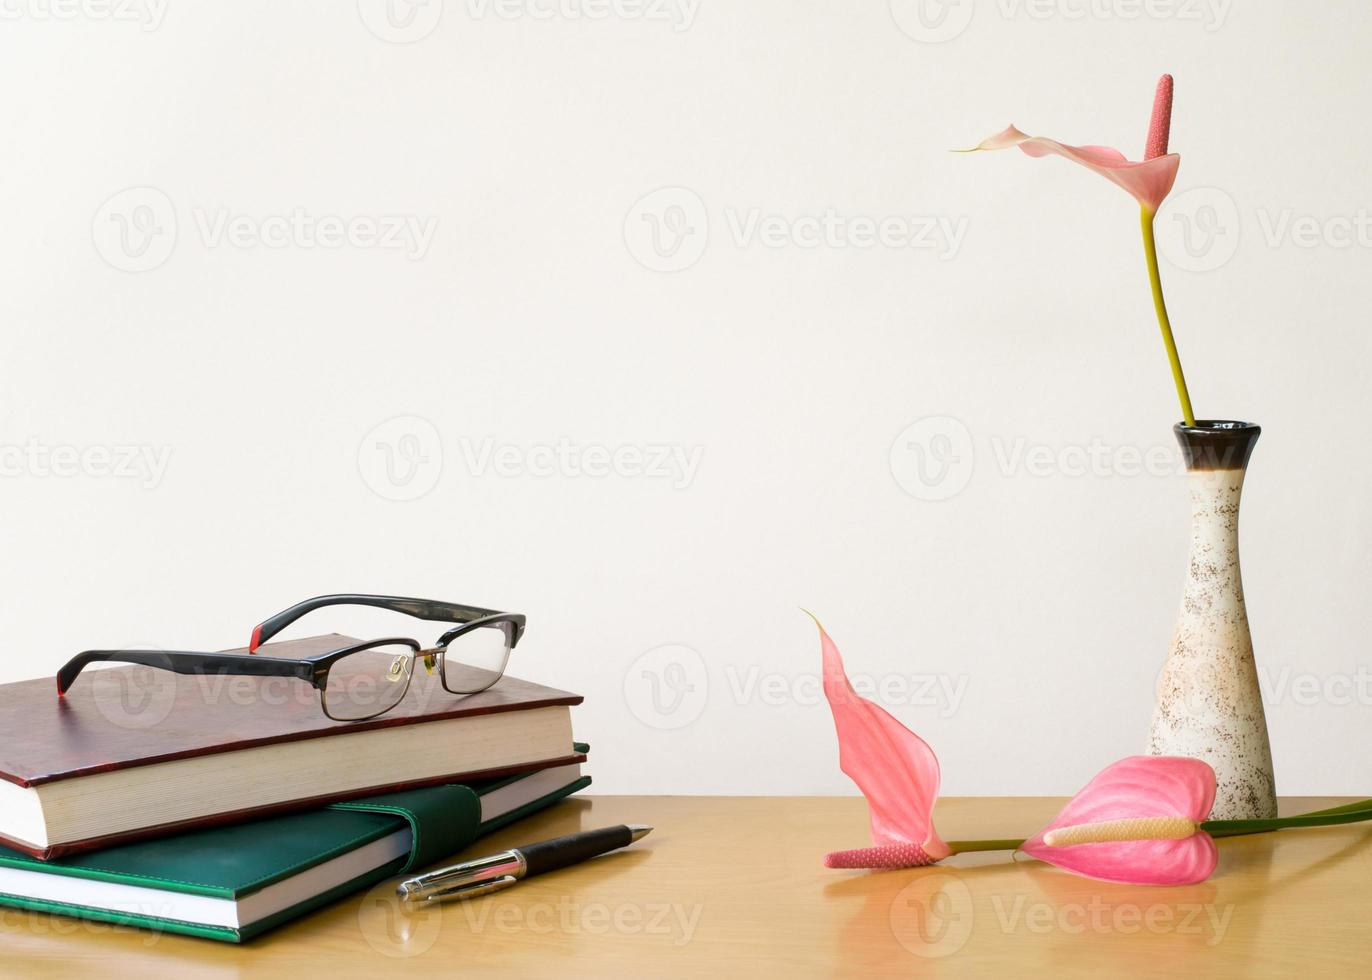 composición en escritorio con libros y flores. foto